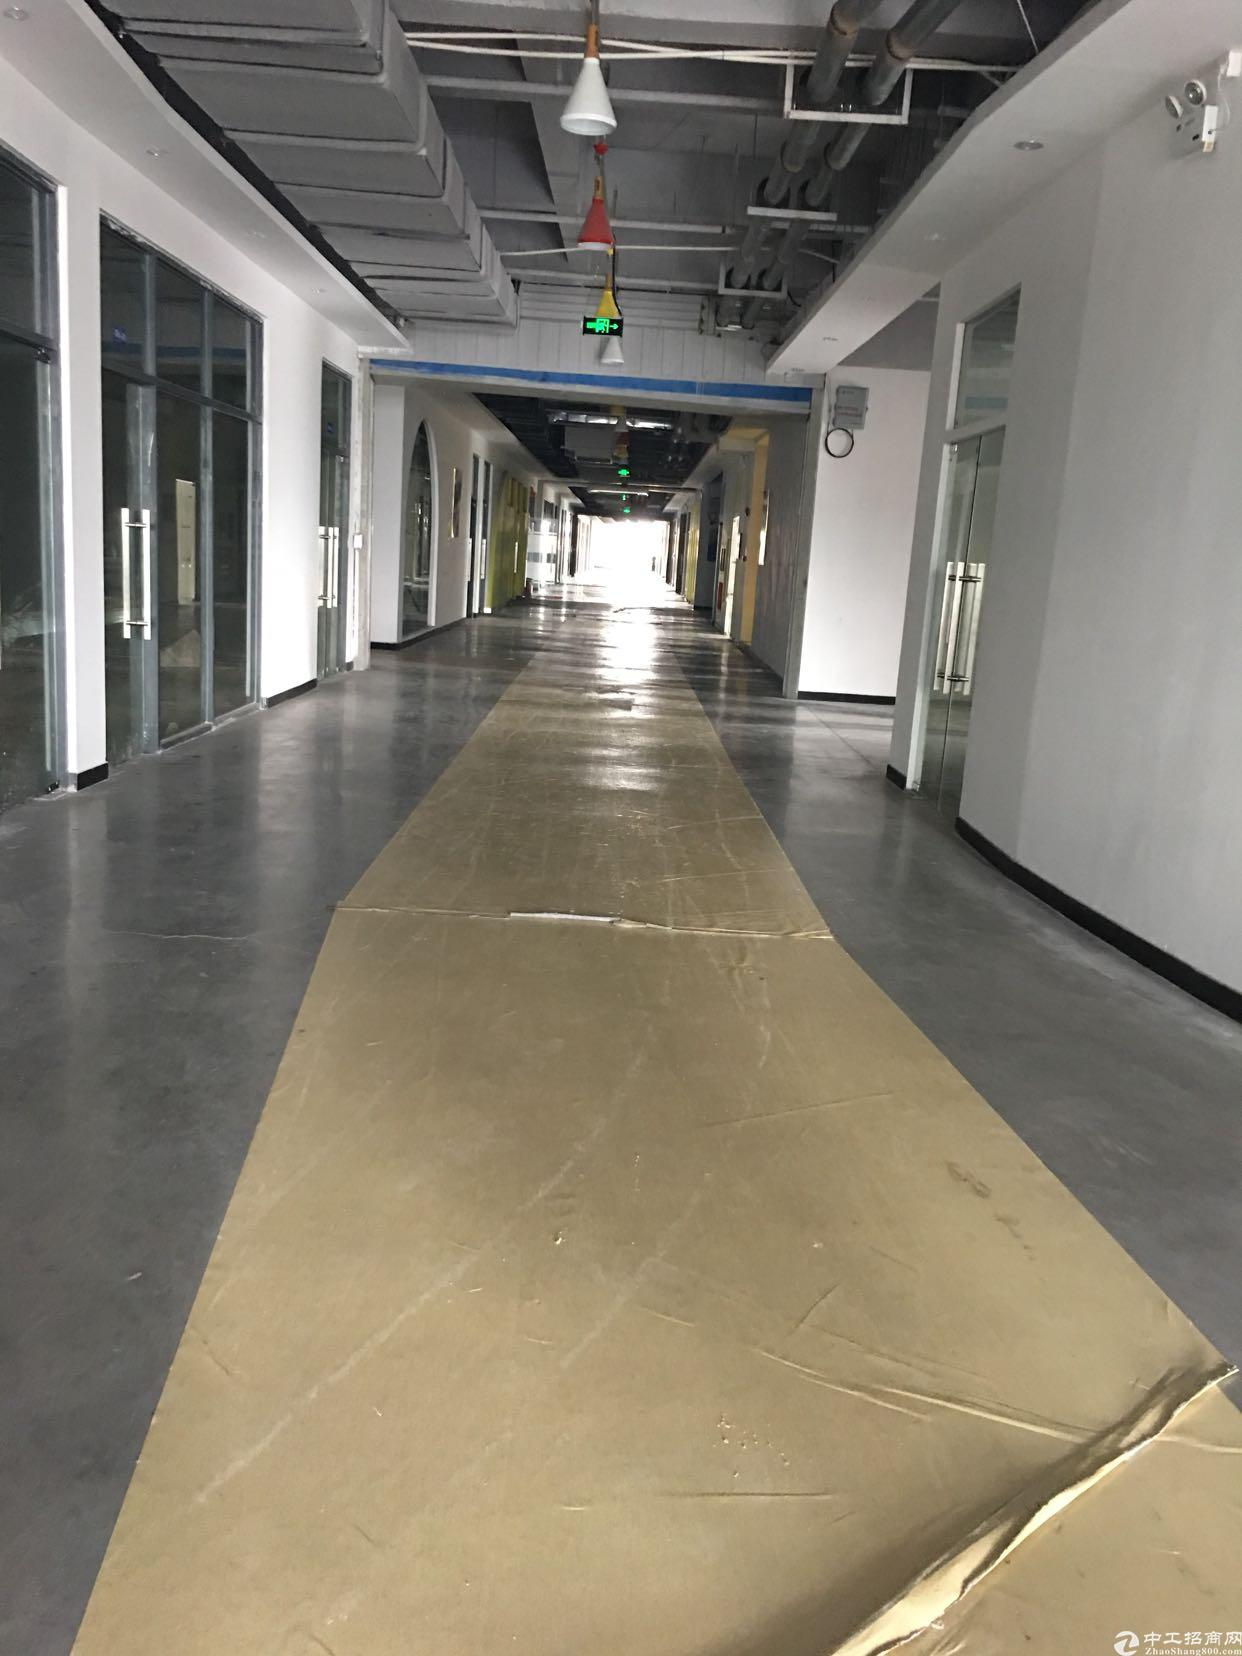 黄埔东区骏业路一楼标准厂房1350平出租